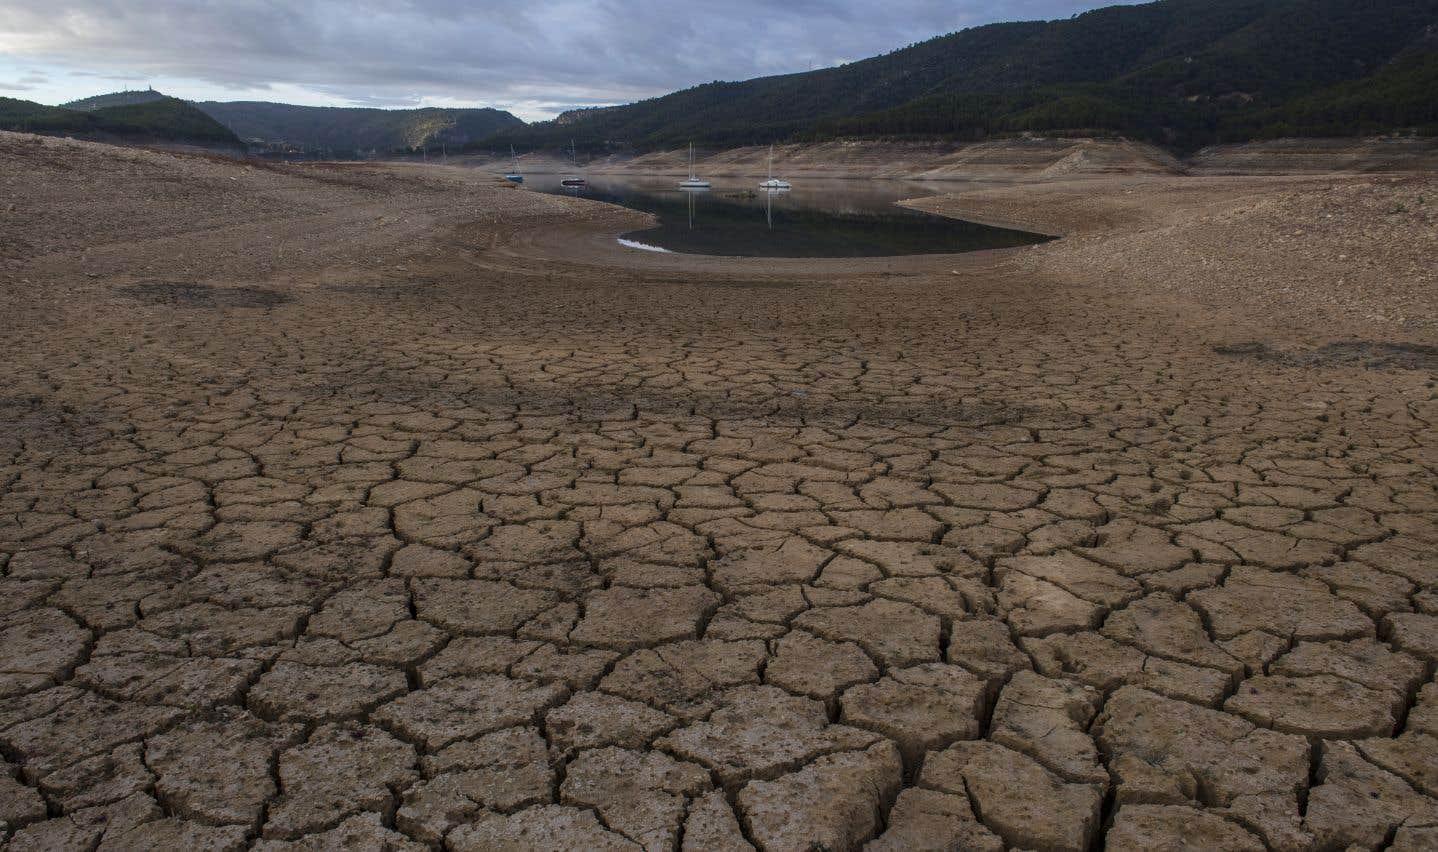 Selon l'étude, avec une hausse des températures de 2°C—qui pourrait arriver entre 2052 et 2070—, entre 24% et 32% de la surface terrestre deviendrait plus sèche.